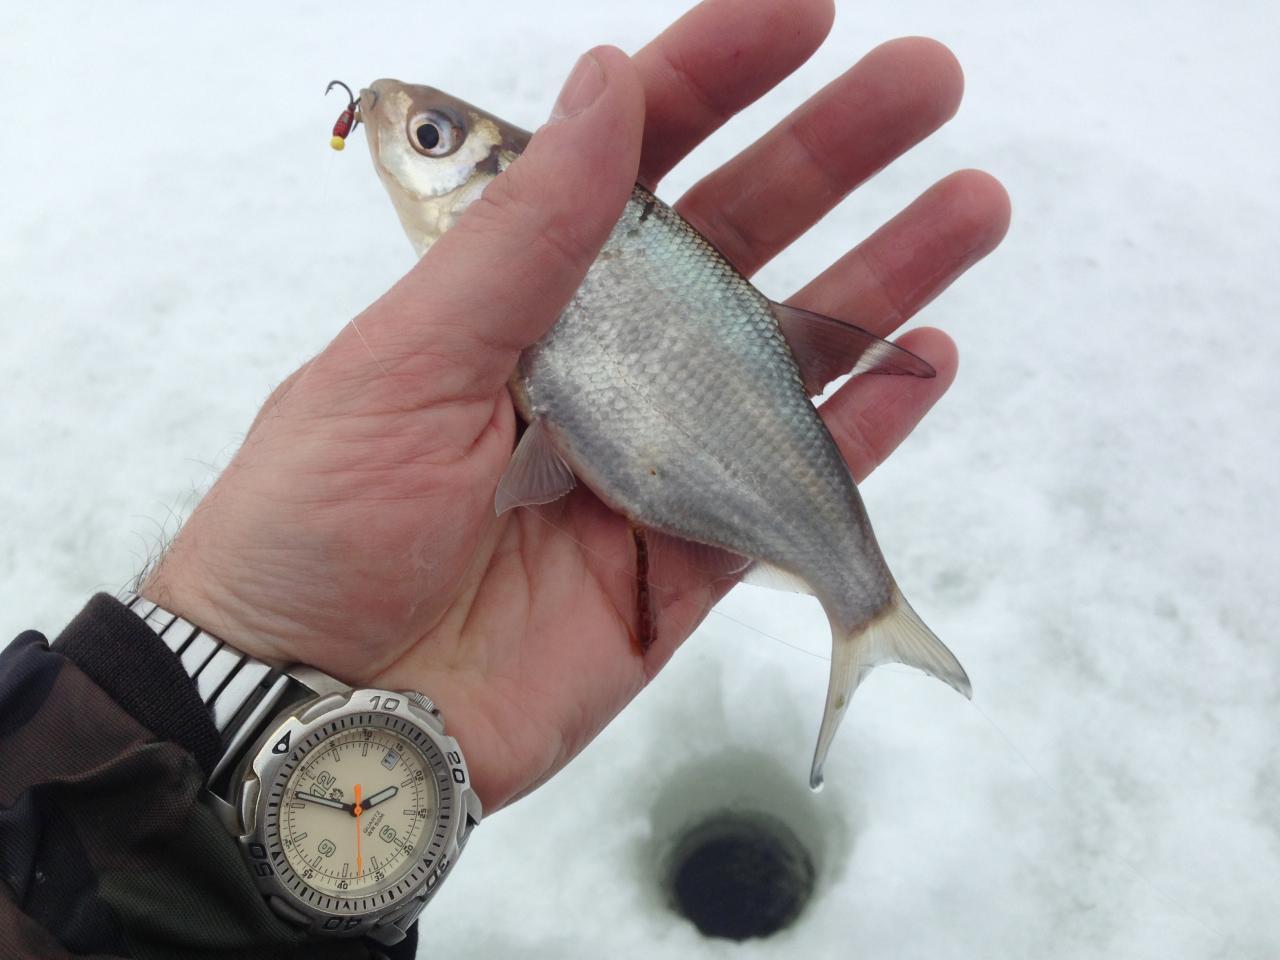 11 февраля 2017 г. (суббота) д.Ходорово : ...После ... | Отчеты о рыбалке в Беларуси